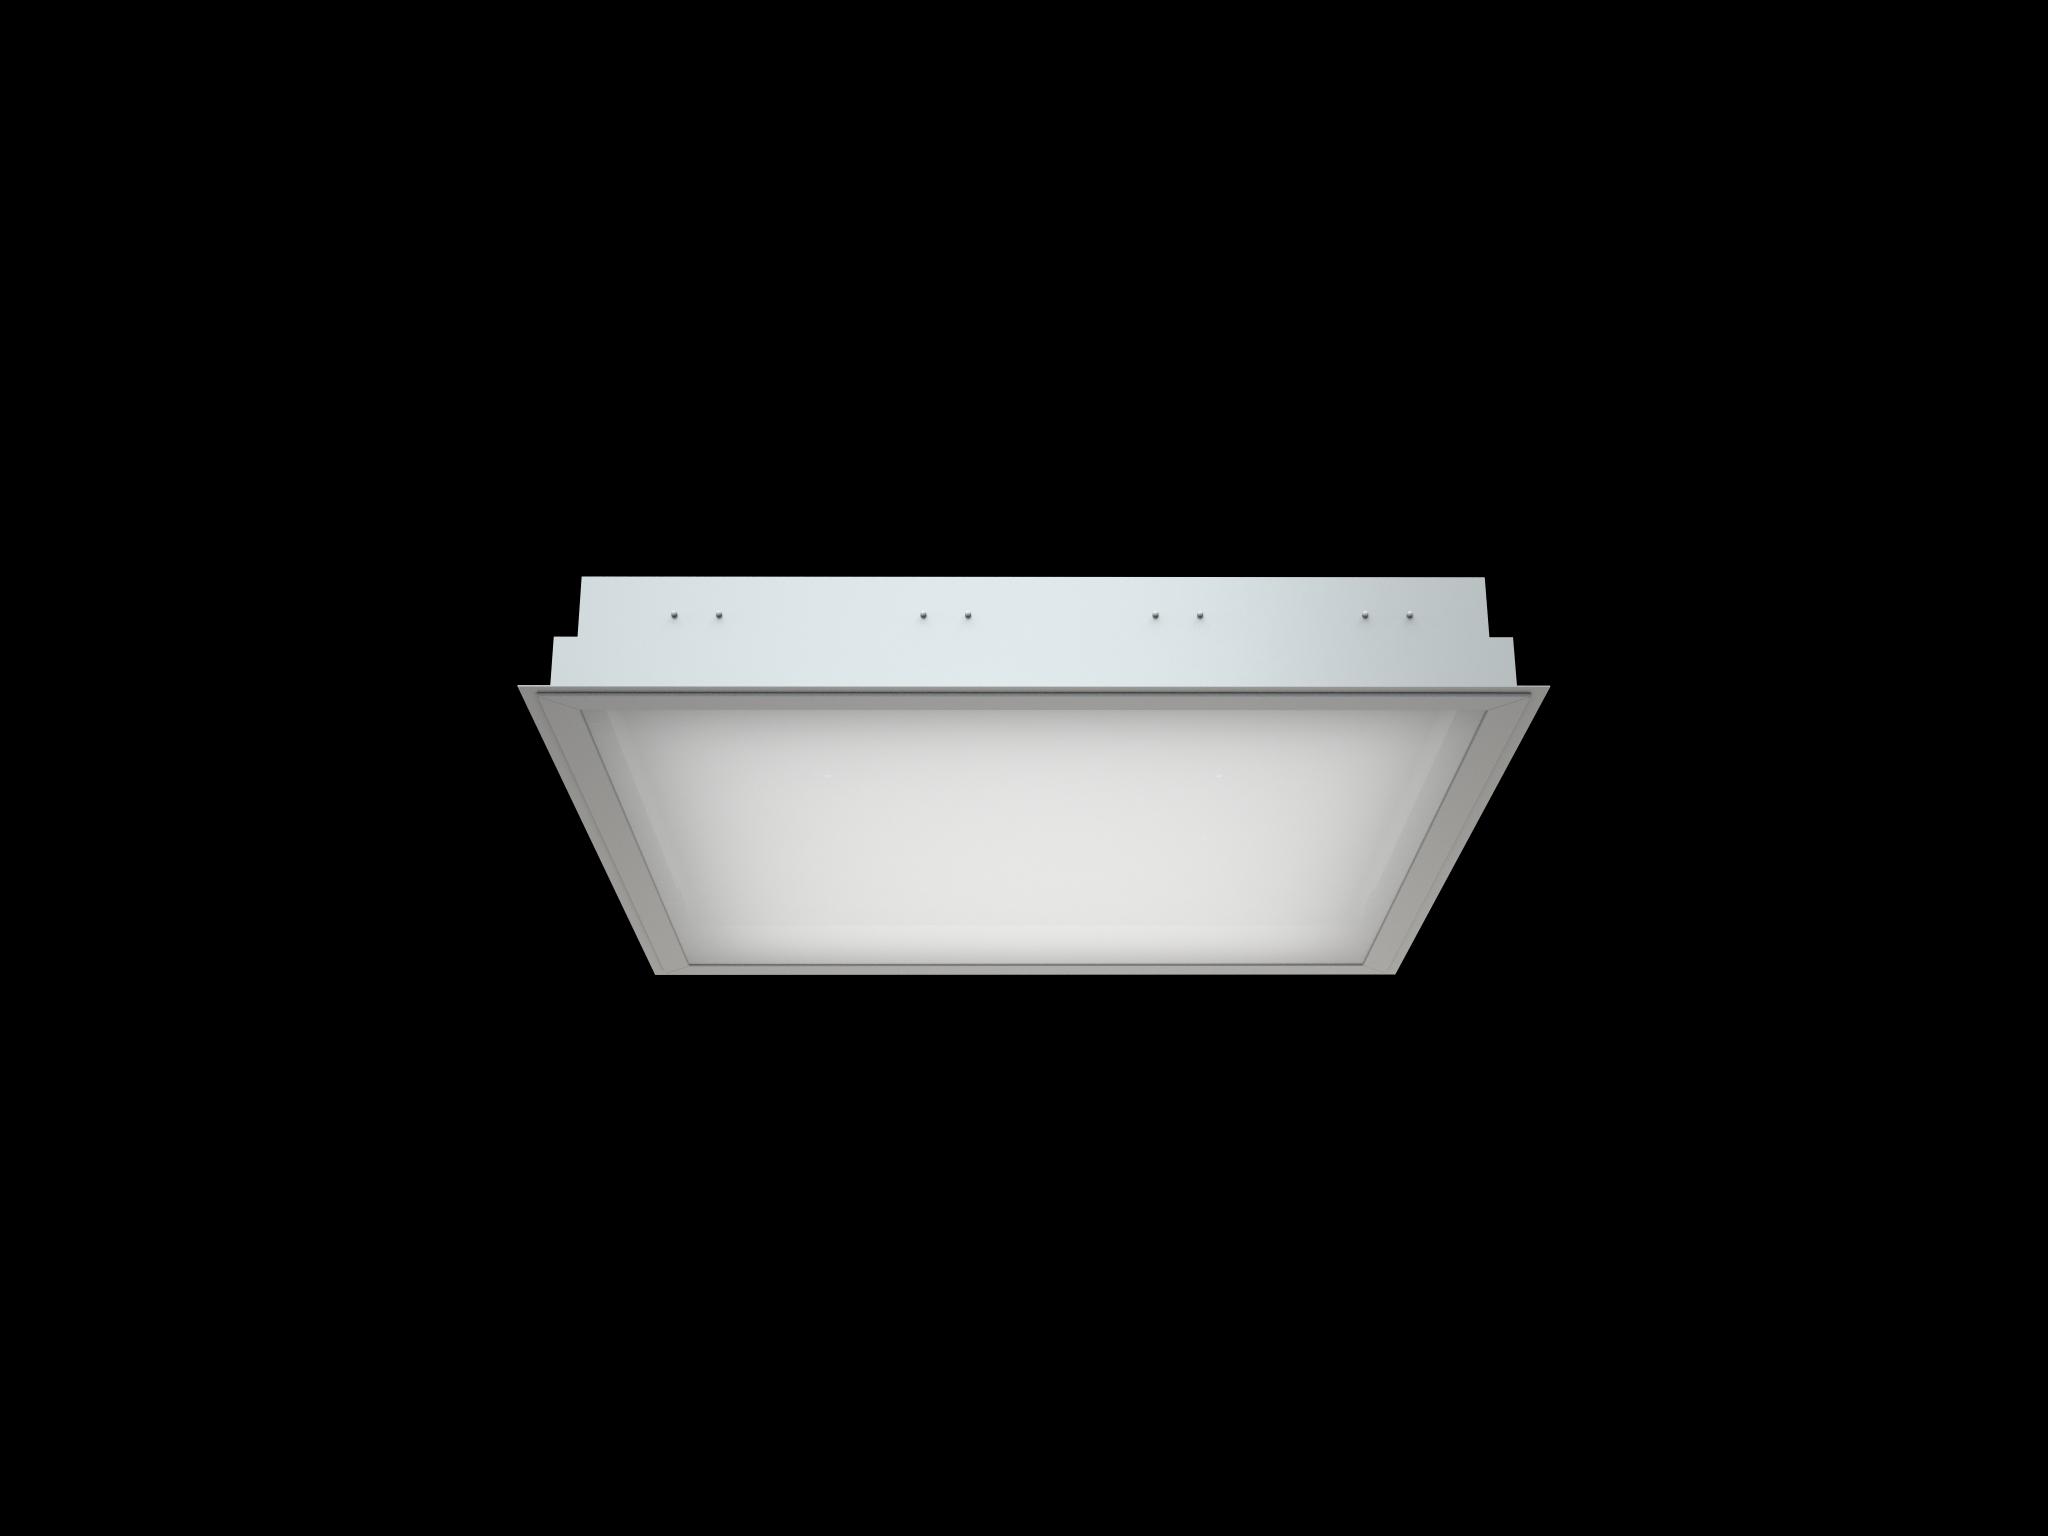 схема плавного включения светодиодов на конденсаторах